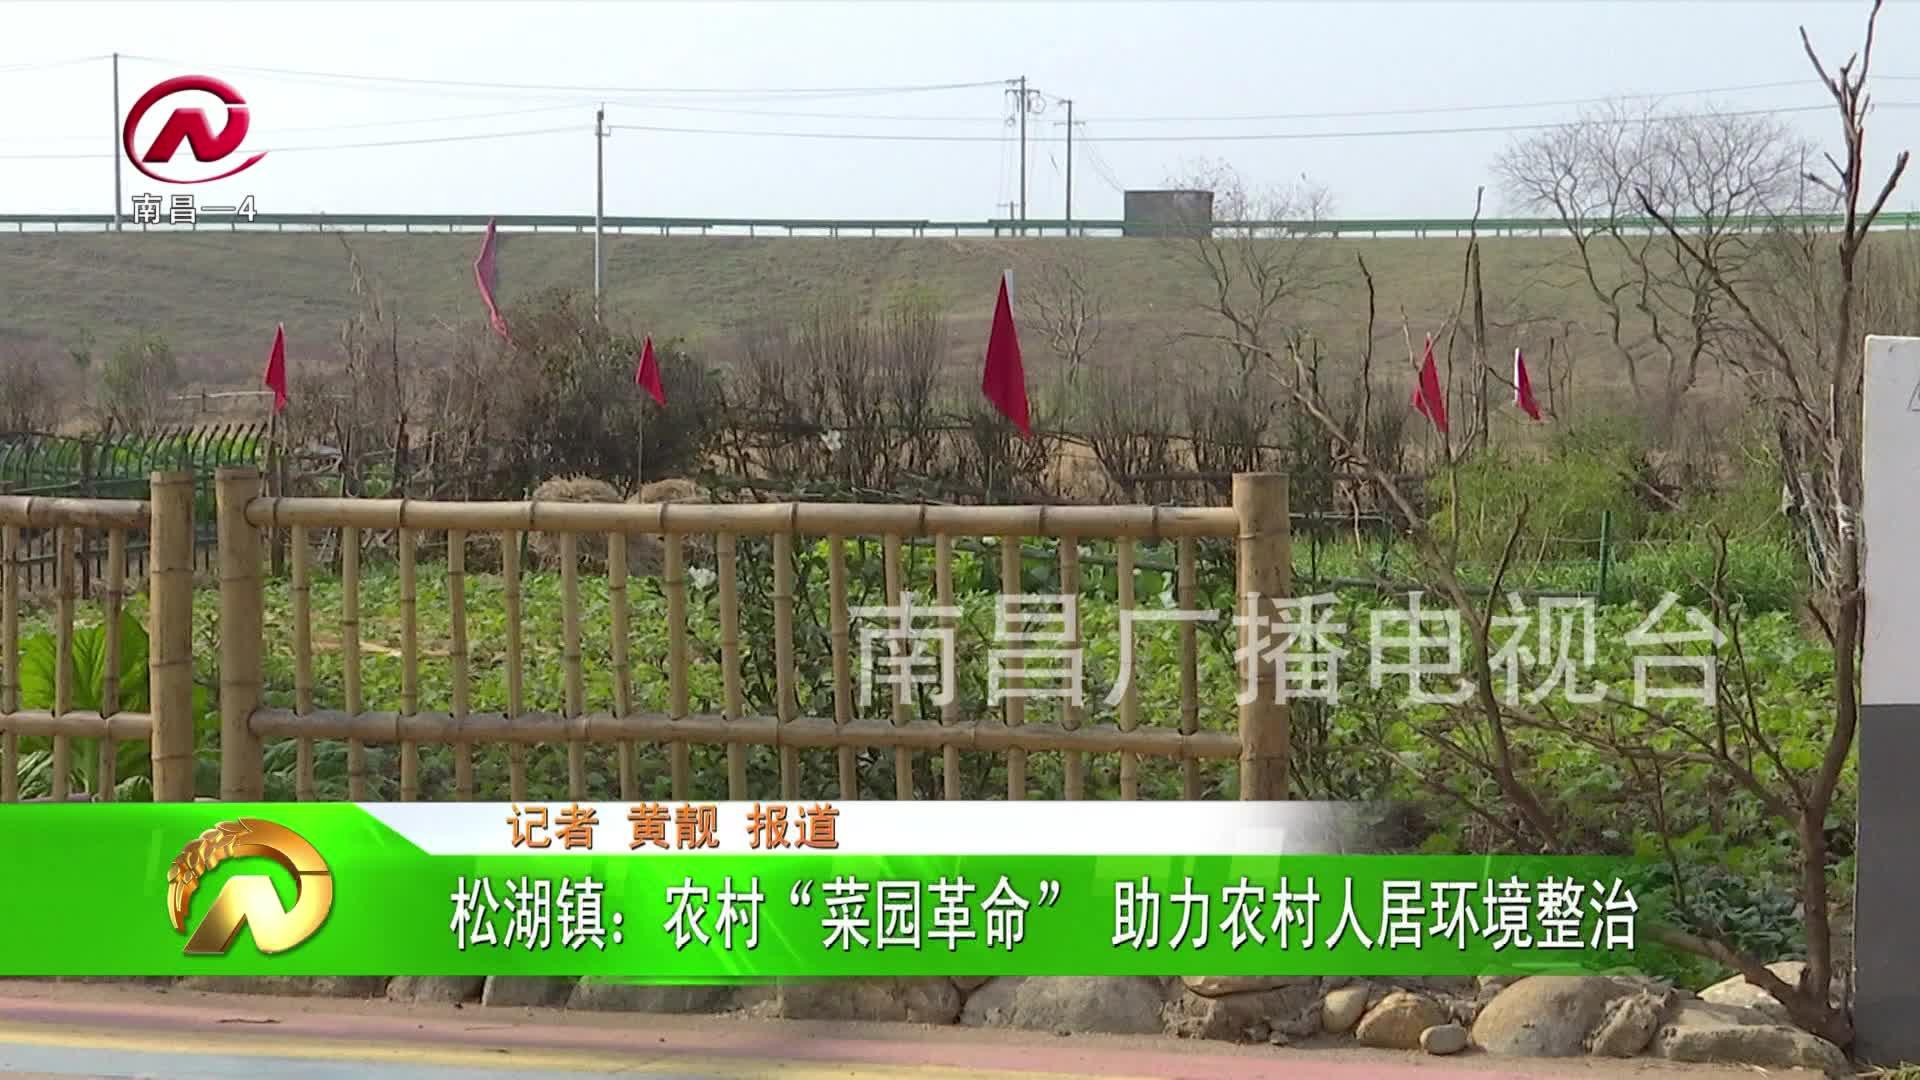 """【豫章农视】松湖镇:农村""""菜园革命"""" 助力农村人居环境整治"""